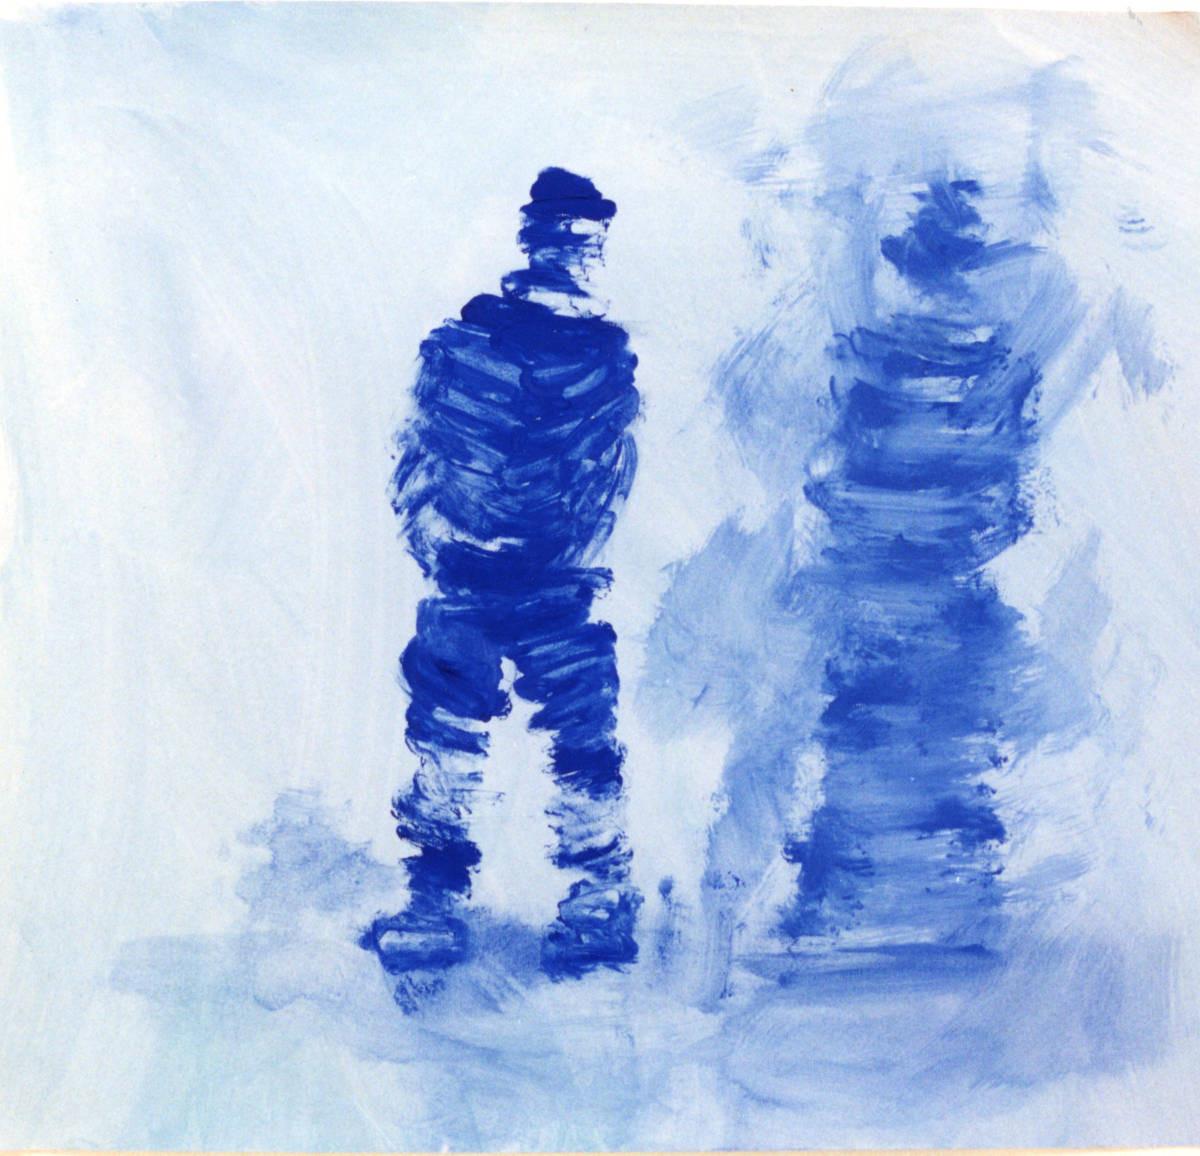 Mumie, Entwicklungsstadium Neugier, 62 cm x 58 cm, Gouache auf Papier,1996